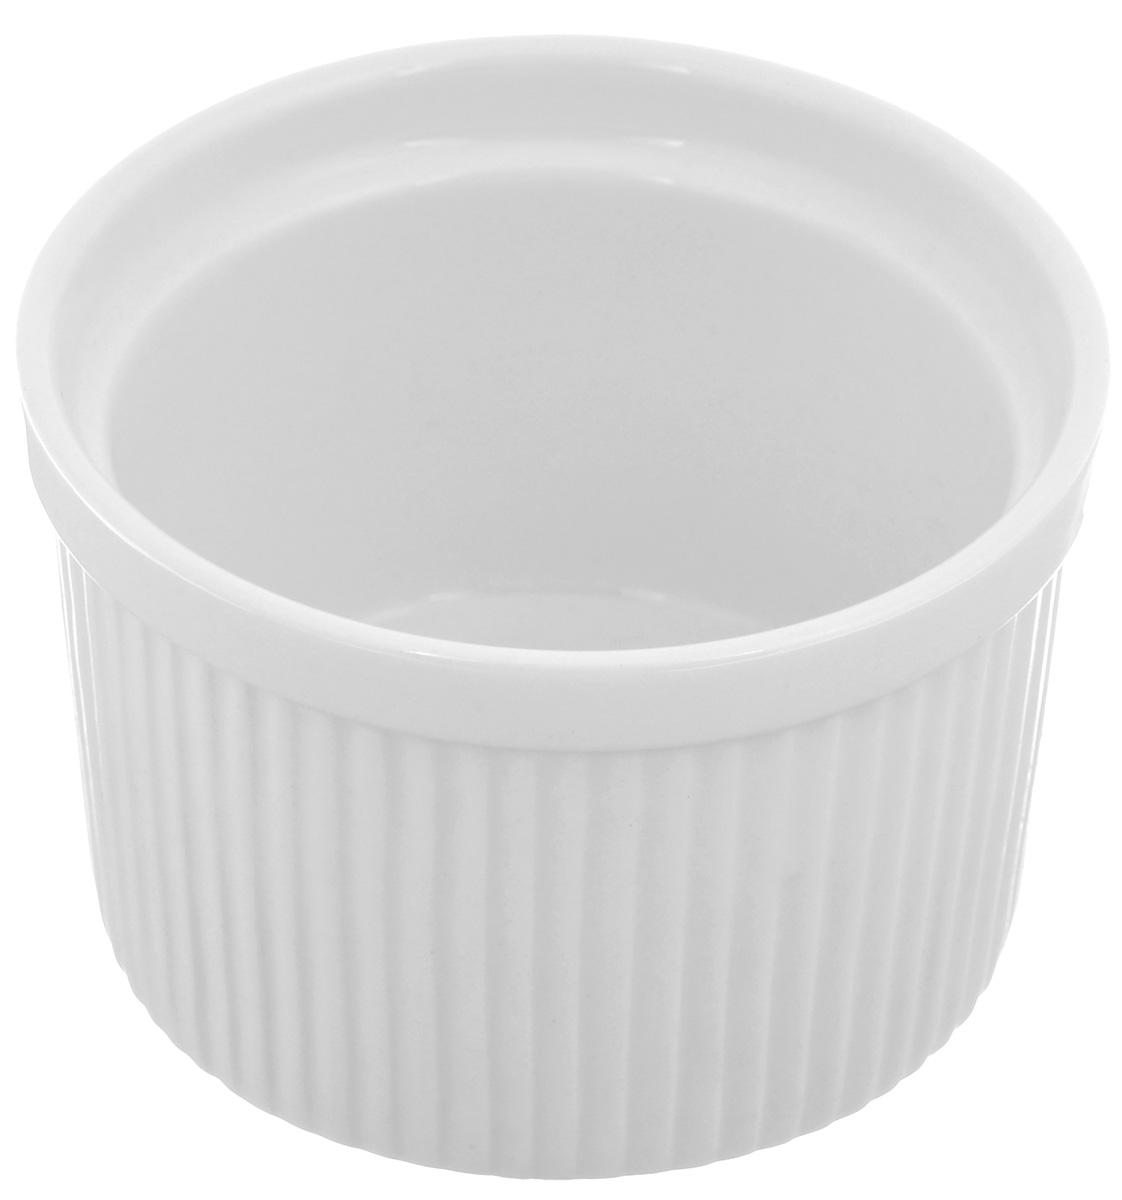 Порционная форма для выпечки BergHOFF Bianco, круглая, цвет: белый, диаметр 10 смW10300012Порционная форма для выпечки BergHOFF Bianco изготовлена из высококачественного фарфора с глазурованной поверхностью. Форму можно использовать для приготовления блюд, таких как крем-брюле, жульен, маффины и прочее. Изделие термоустойчиво, поверхность сохраняет свой цвет, а пища естественный аромат. Материал мягко проводит тепло для равномерного запекания.Подходит для мытья в посудомоечной машине.Диаметр формы: 10 см.Высота формы: 6,5 см.